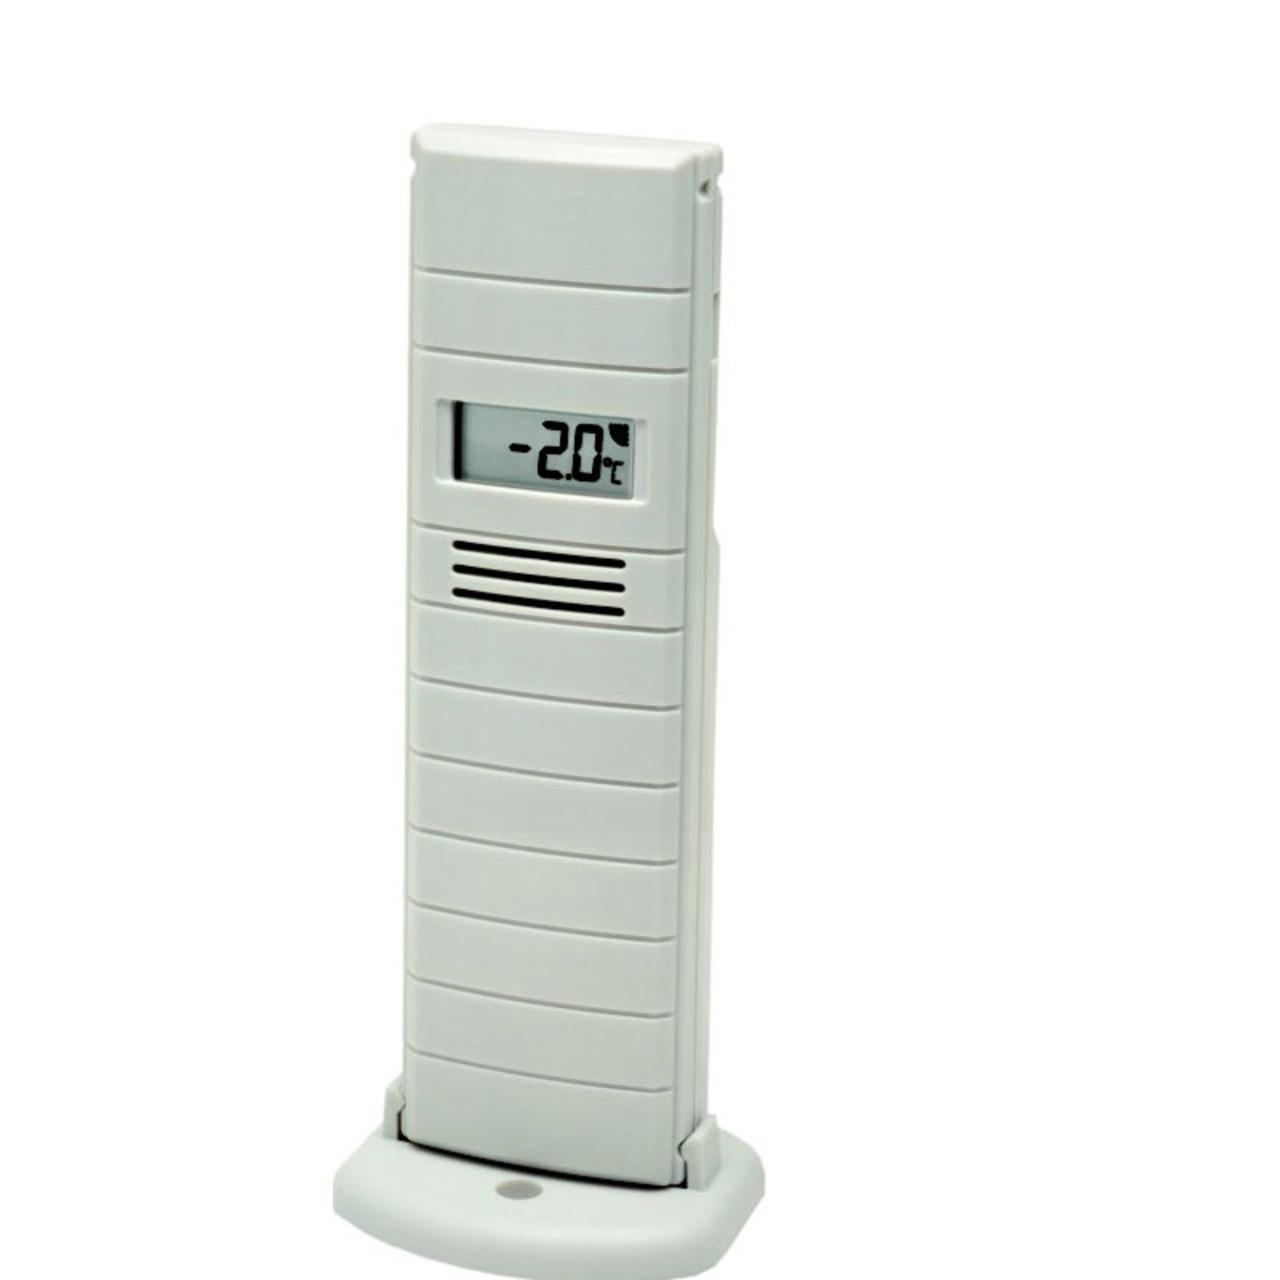 technoline Funk-Auund-223 ensensor TX29DTH-IT fund-252 r Wettercenter WS 9040